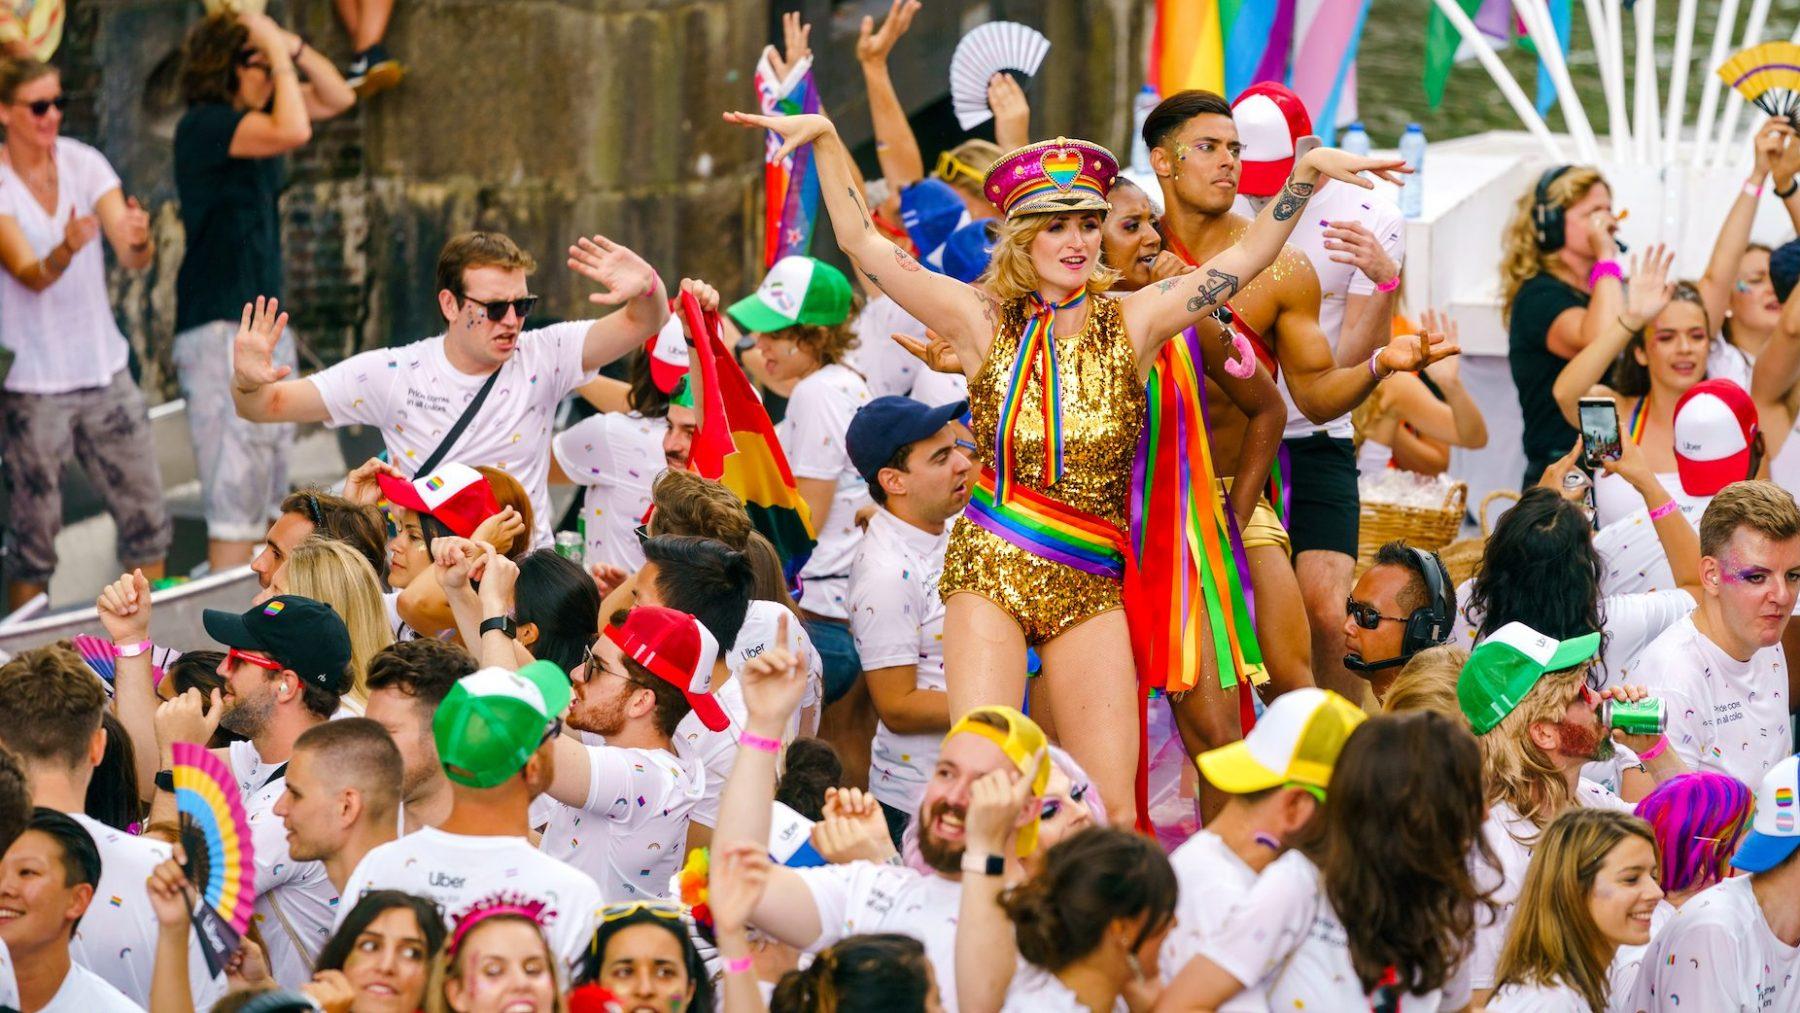 Man met autisme verdacht van plannen aanslag tijdens Pride Amsterdam